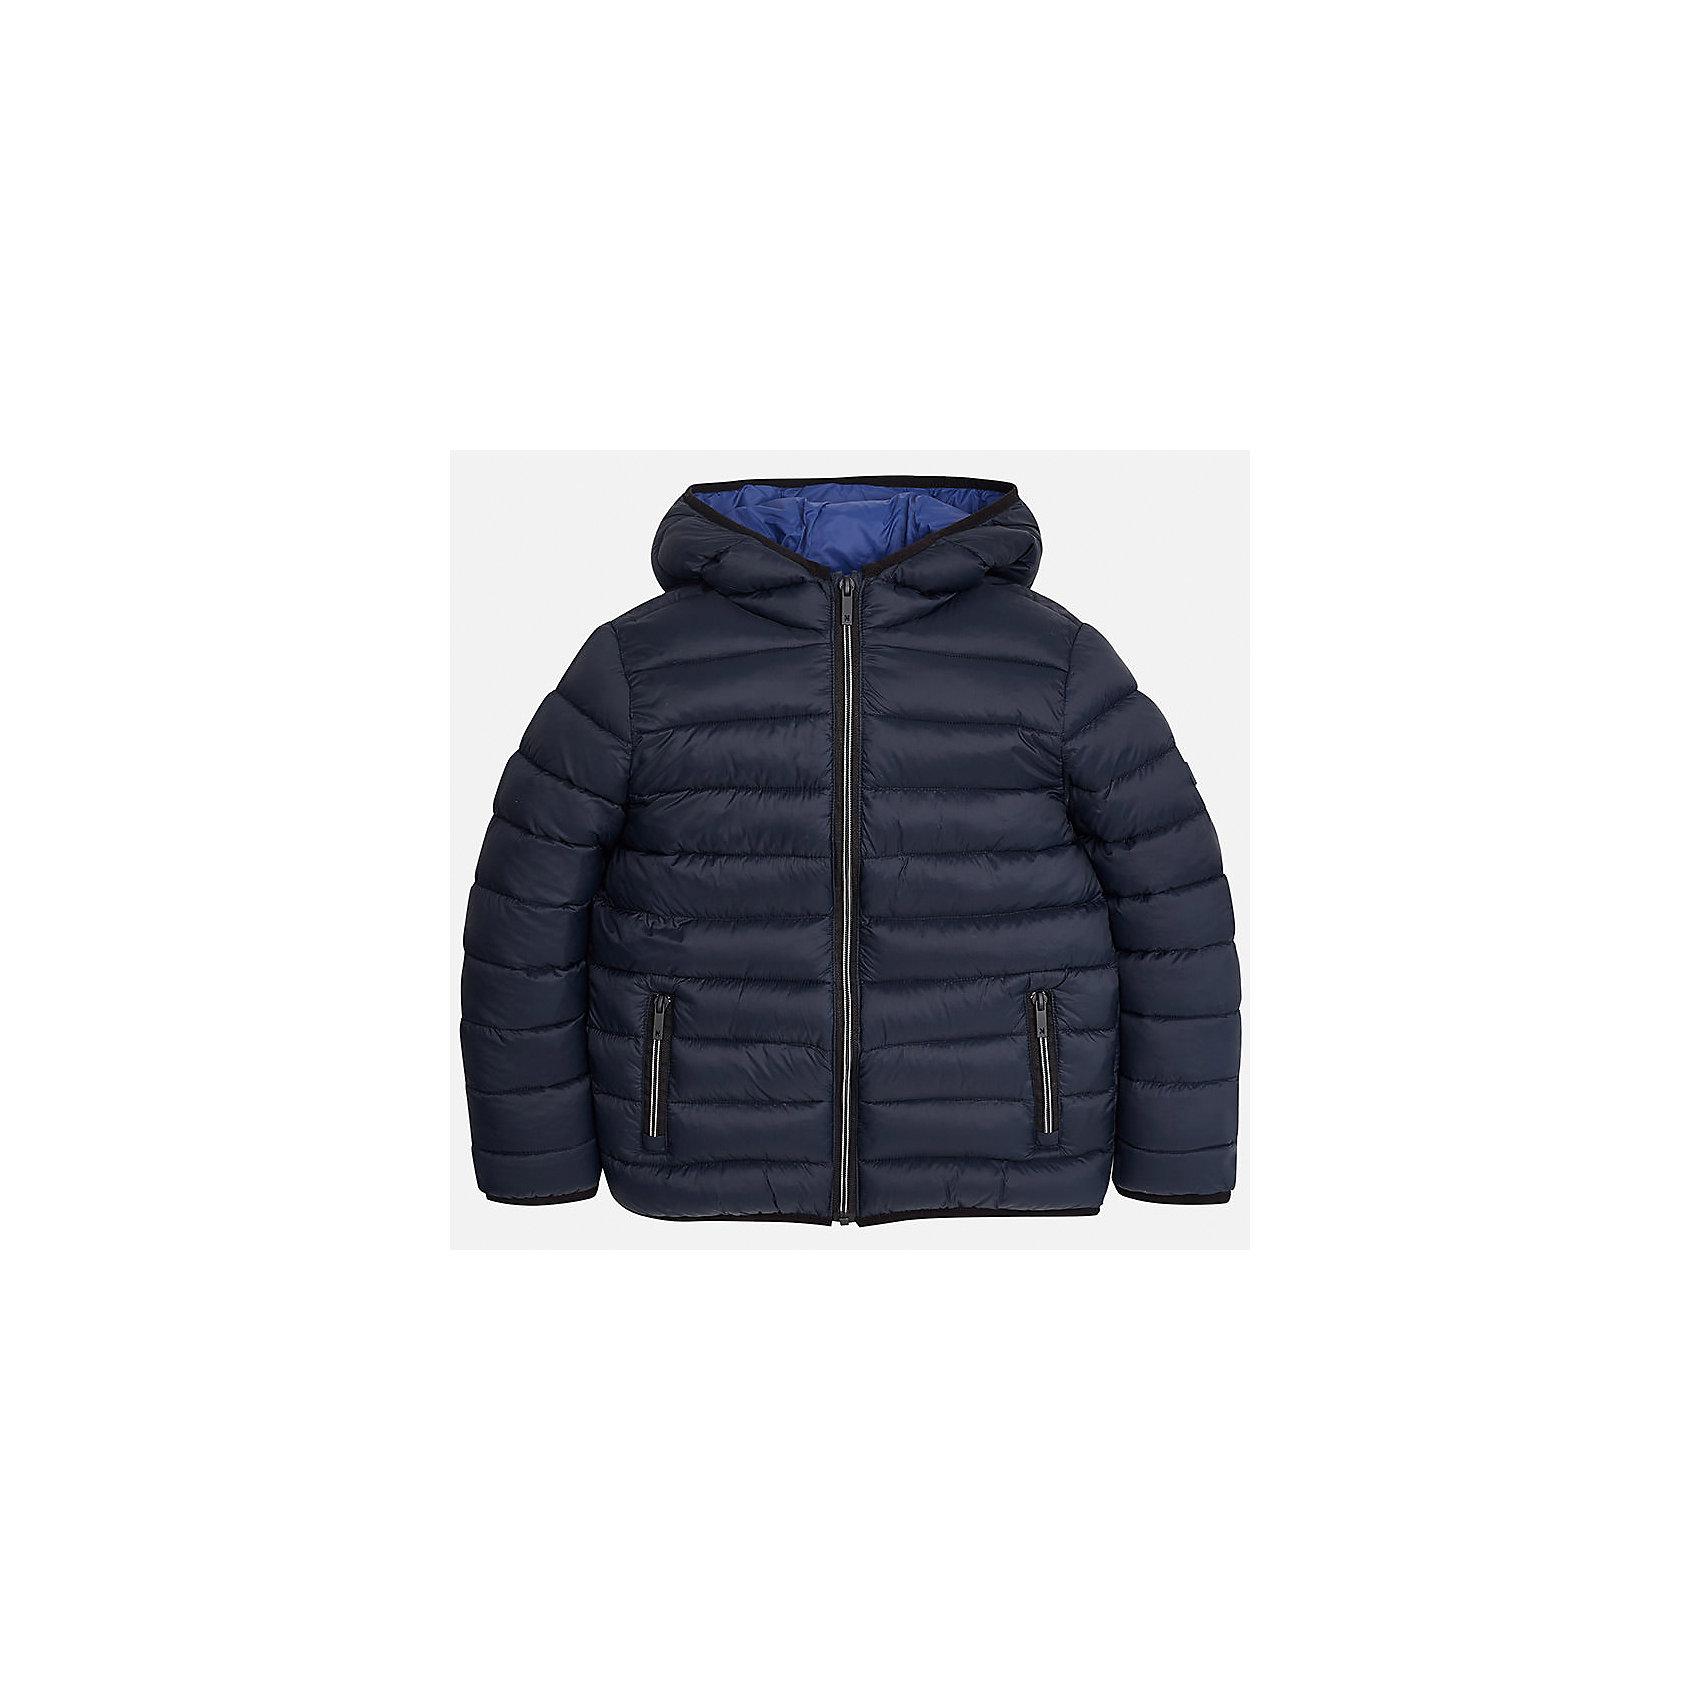 Куртка для мальчика MayoralДемисезонные куртки<br>Характеристики товара:<br><br>• цвет: синий;<br>• сезон: демисезон;<br>• температурный режим: от 0 до +10С;<br>• состав ткани: 100% полиамид;<br>• состав подкладки: 100% полиамид;<br>• состав наполнителя: 100% полиэстер;<br>• стеганая;<br>• на молнии;<br>• капюшон: без меха, не отстегивается;<br>• страна бренда: Испания;<br>• страна изготовитель: Бангладеш.<br><br>Демисезонная куртка для мальчика от популярного бренда Mayoral несомненно понравится вам и вашему ребенку. Качественные ткани, безупречное исполнение, все модели в центре модных тенденций. Внешняя ткань и подкладка плащевая, обуспечивают хорошую защиту от ветра и непогоды, внутренний утеплитель, аккуратные швы. Рукава на внутренней манжете. Застегивается на замок-молнию, капюшон не отстегивается, боковые карманы на молнии. <br><br>Легкая и теплая куртка с капюшоном и карманами на холодную осень-весну. Грамотный крой изделия обеспечивает отличную посадку по фигуре.<br><br>Куртку  для мальчика Mayoral (Майорал) можно купить в нашем интернет-магазине.<br><br>Ширина мм: 356<br>Глубина мм: 10<br>Высота мм: 245<br>Вес г: 519<br>Цвет: серый<br>Возраст от месяцев: 168<br>Возраст до месяцев: 180<br>Пол: Мужской<br>Возраст: Детский<br>Размер: 170,128/134,140,152,158,164<br>SKU: 6938831